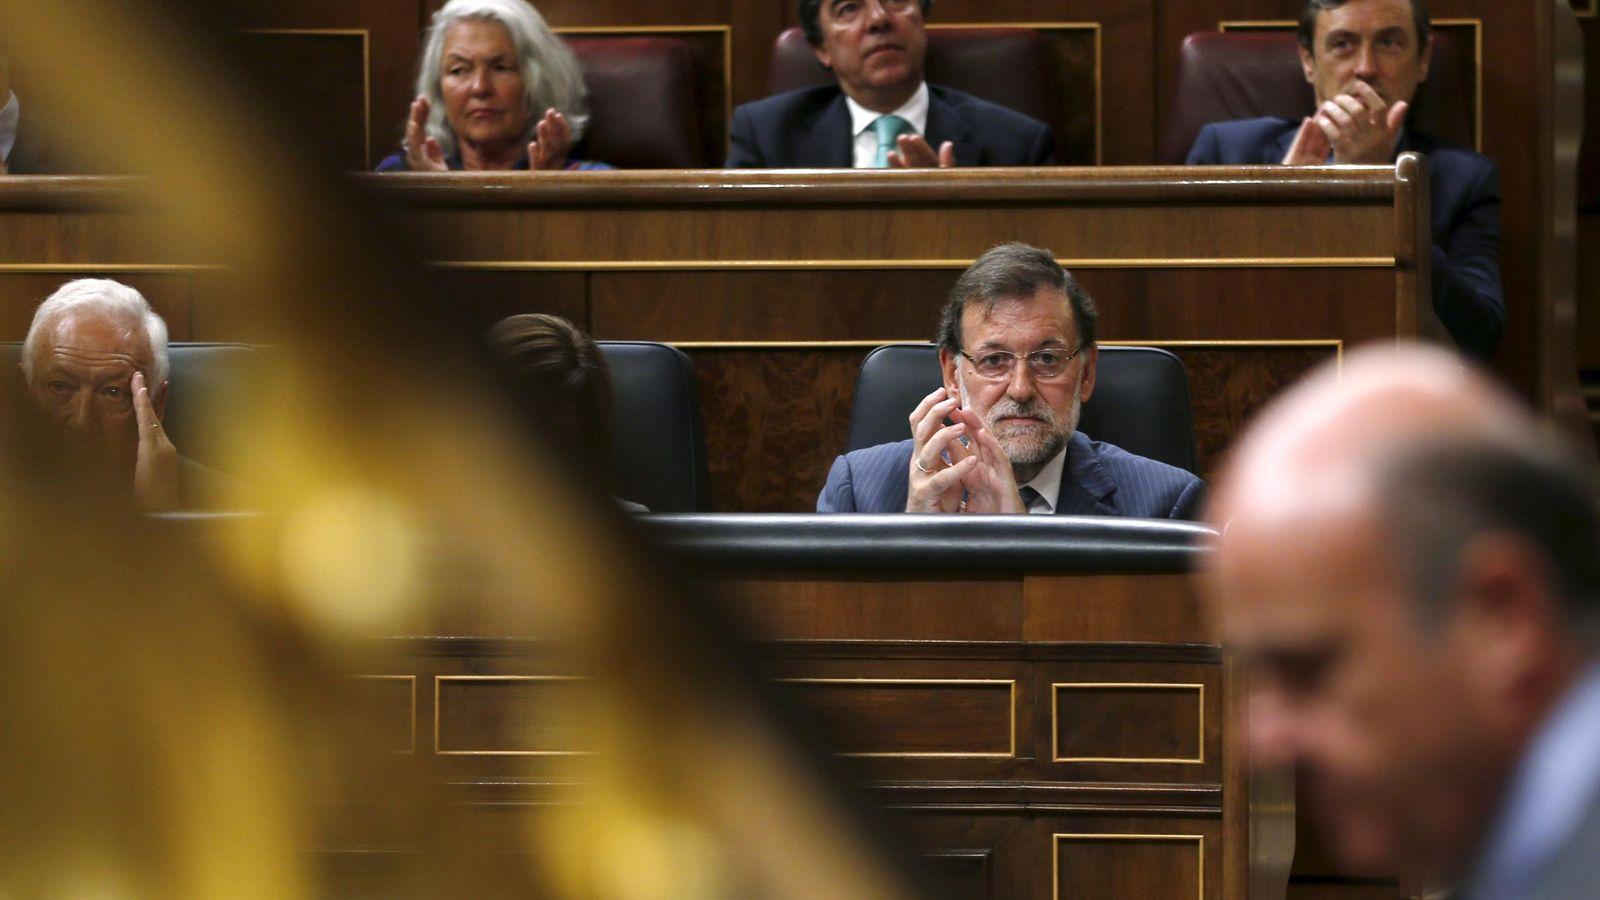 Foto: El presidente del Gobierno, Rajoy, al fondo mirando al ministro de Economía, Luis de Guindos. (Reuters)